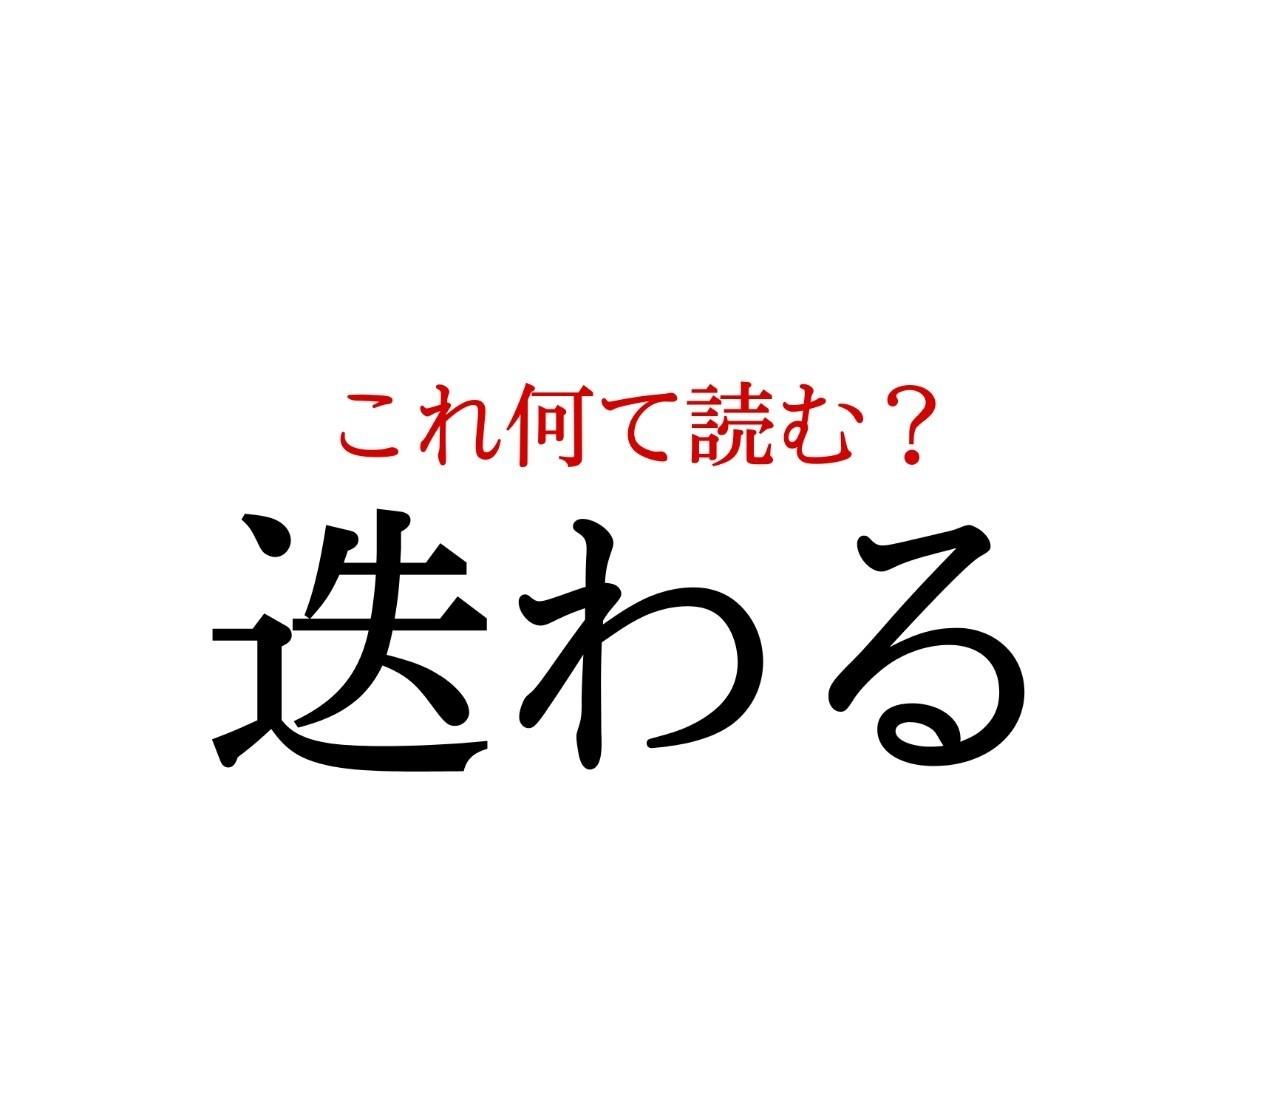 「迭わる」:この漢字、自信を持って読めますか?【働く大人の漢字クイズvol.273】